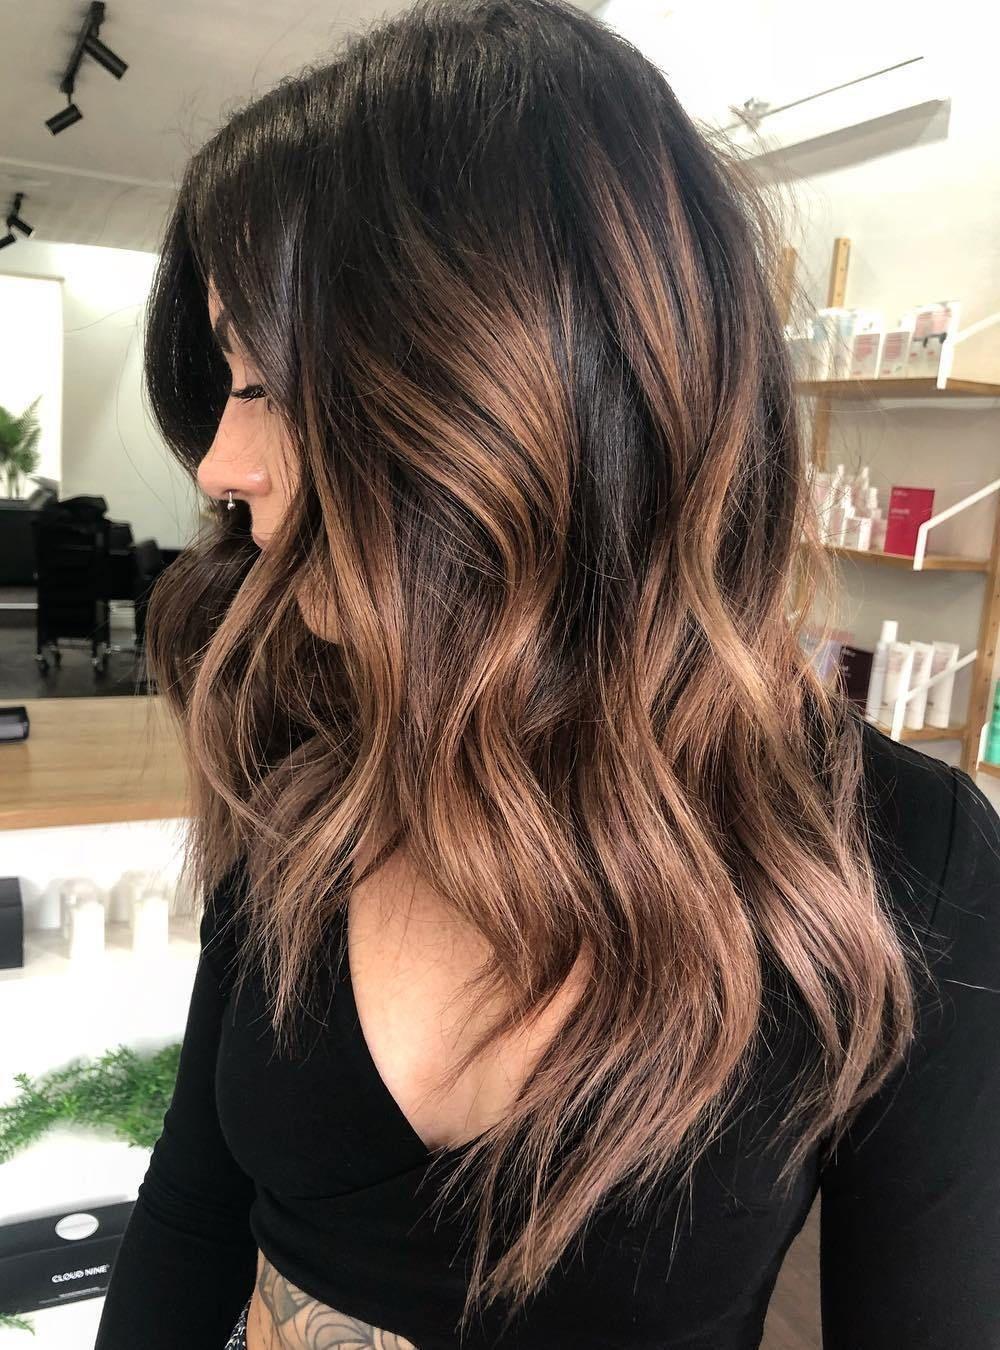 Chunky Shiny Bronde Highlights For Dark Hair Hair Styles Gorgeous Hair Color Balayage Hair